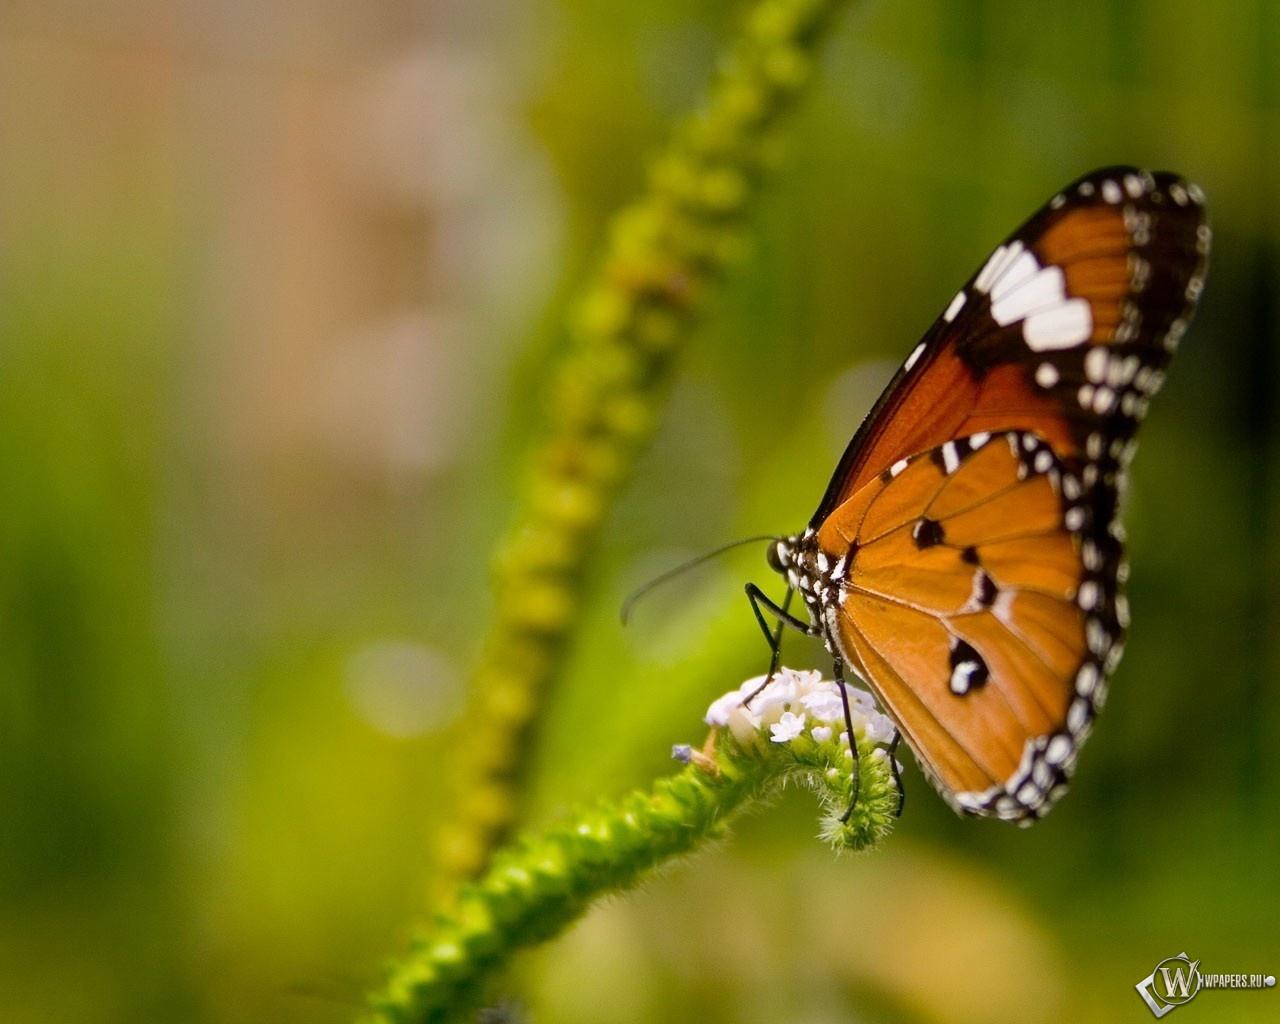 Оранжевая бабочка 1280x1024